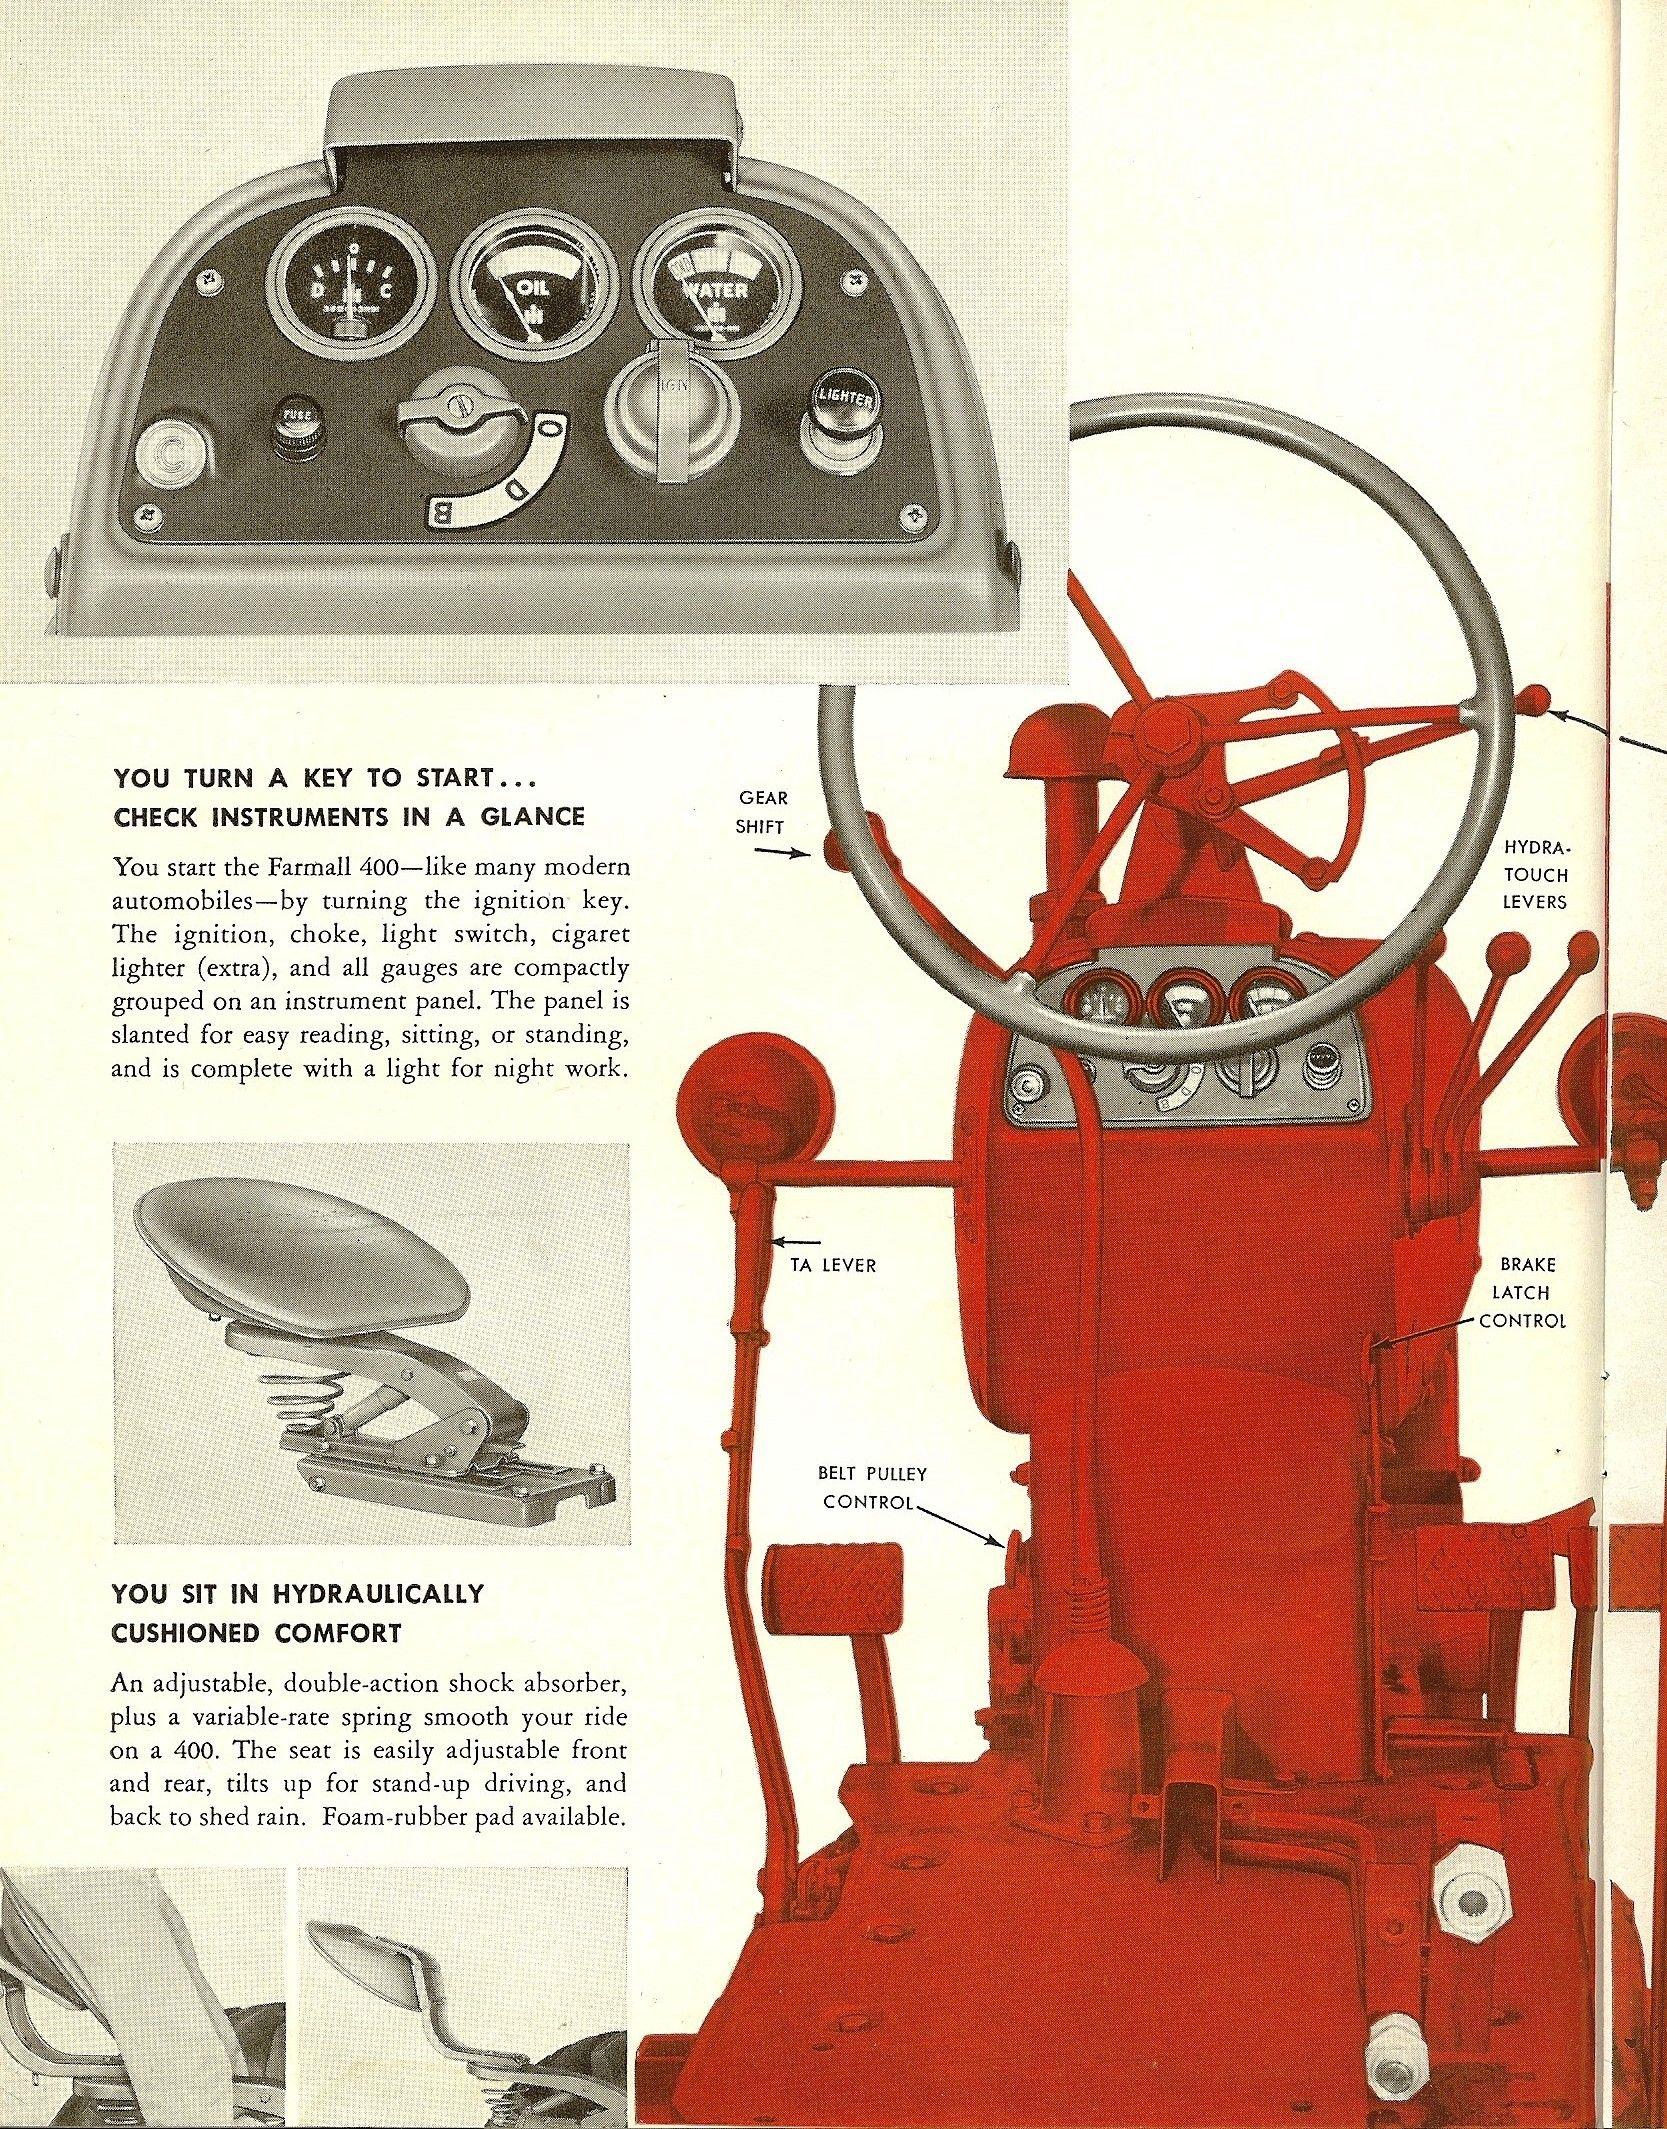 small resolution of 1955 farmall 400 case tractors farmall tractors old tractors international tractors international